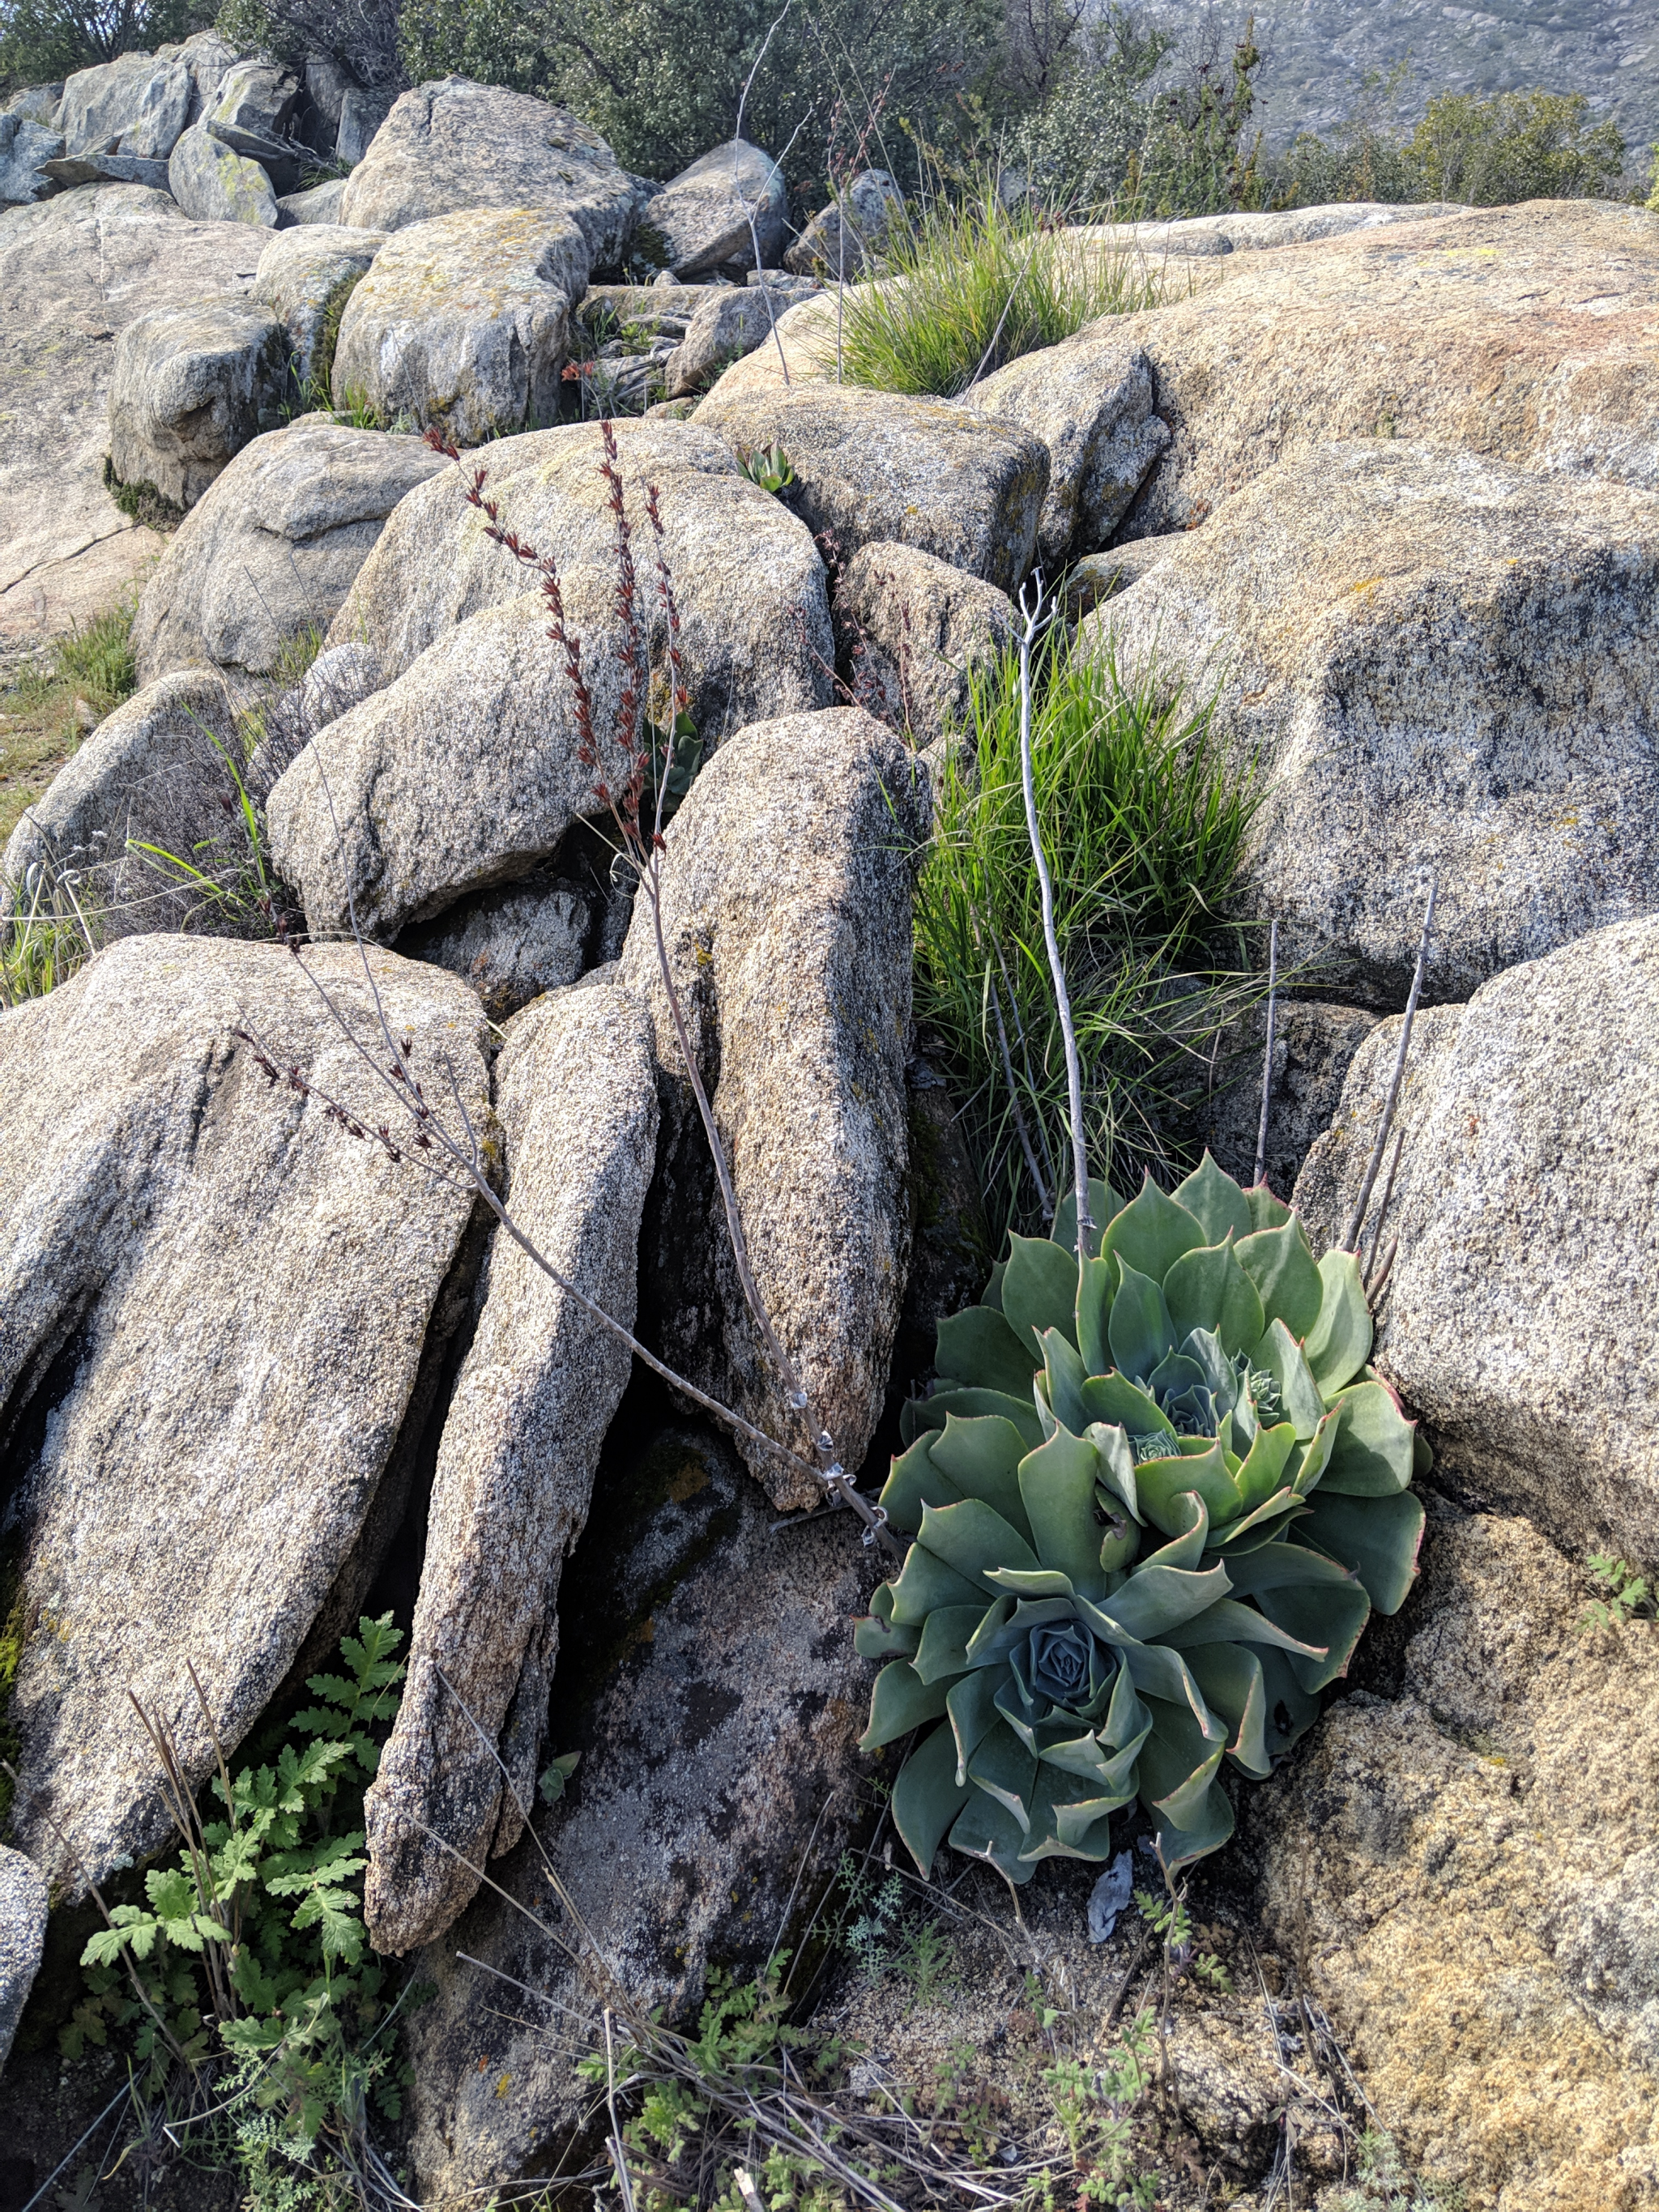 Clairement un climat désertique • Clearly a desert climate